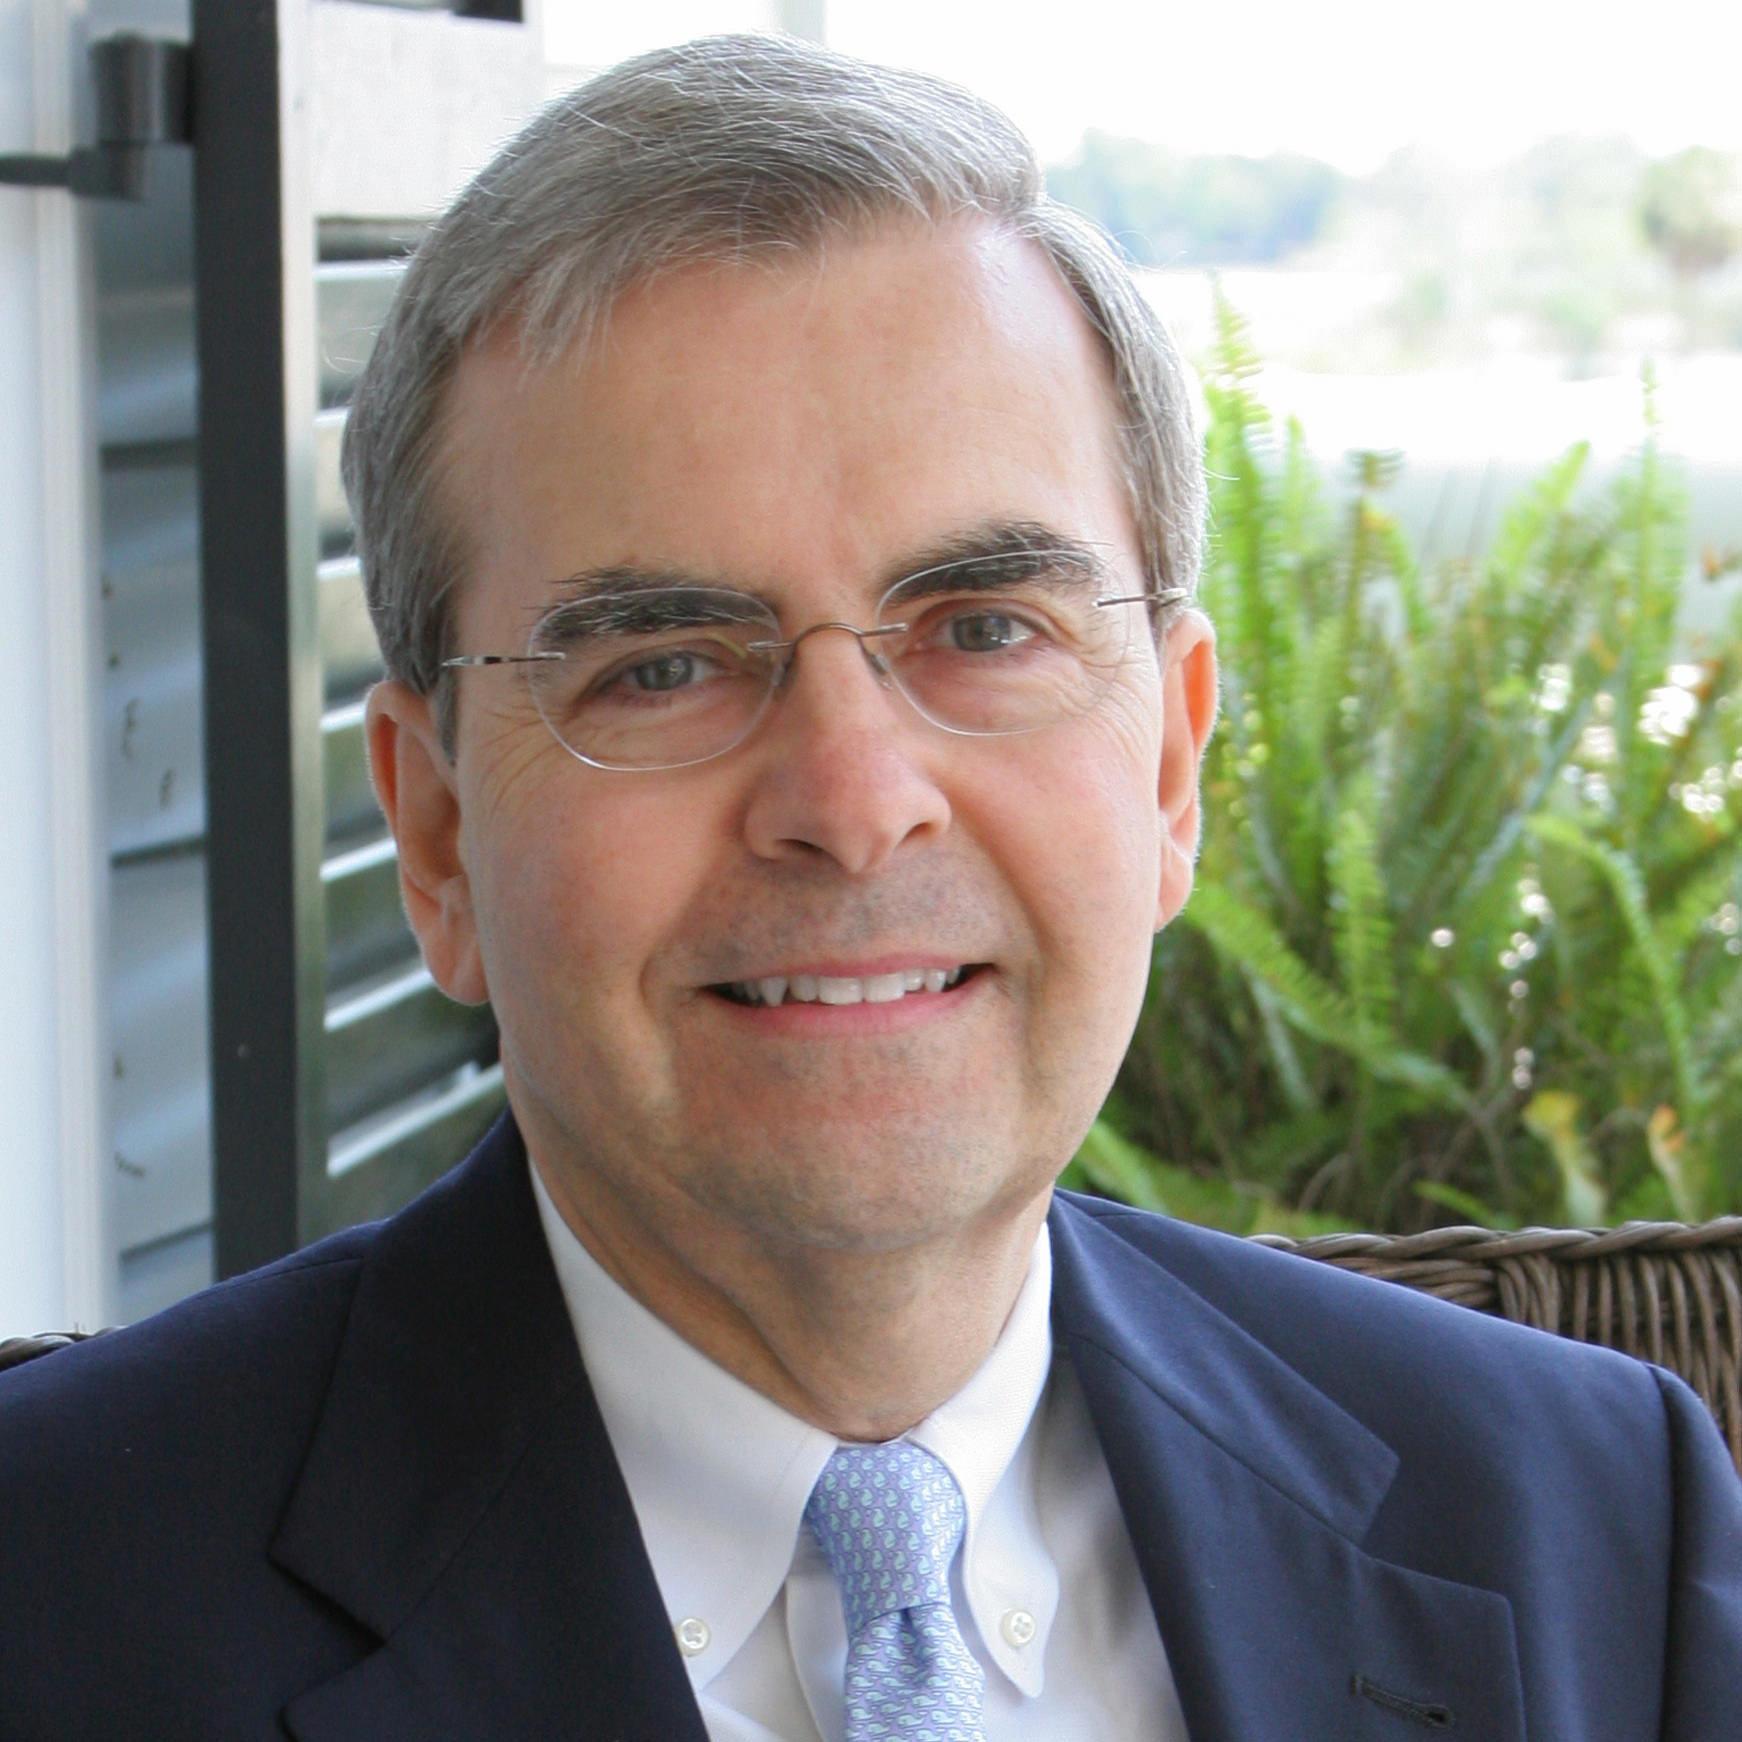 William S. Podd - Executive Director